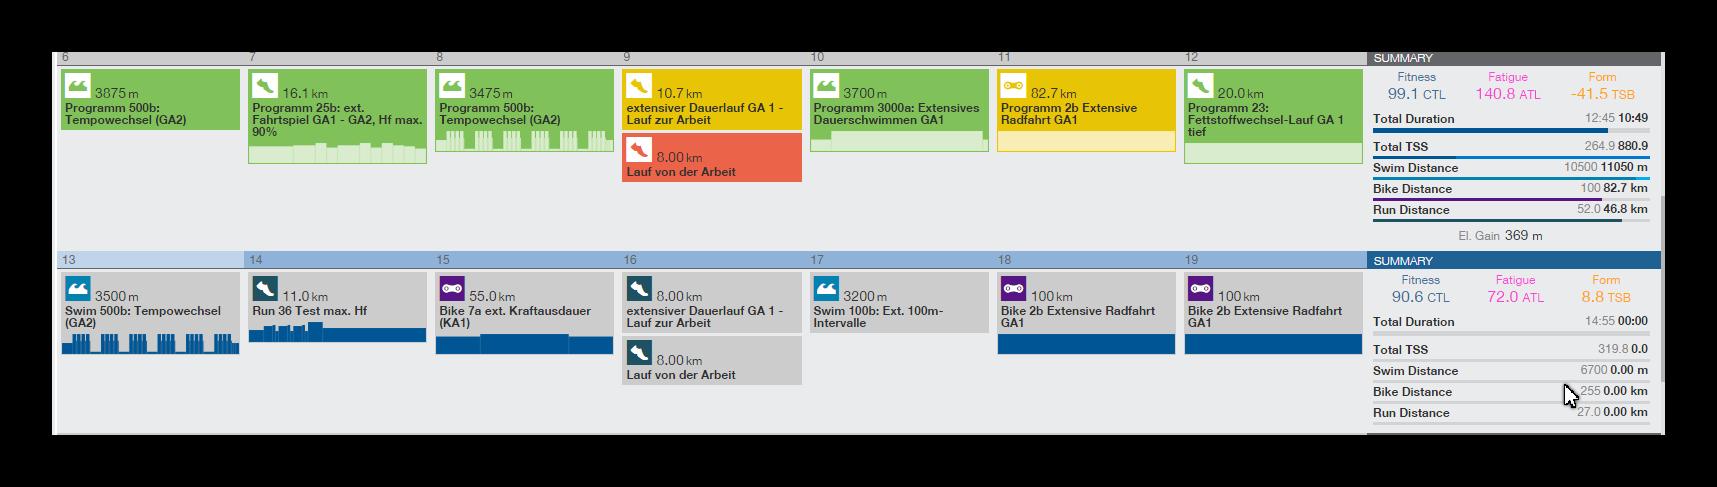 Trainingsplan, Triathlon, Coaching, Ironman, Frankfurt